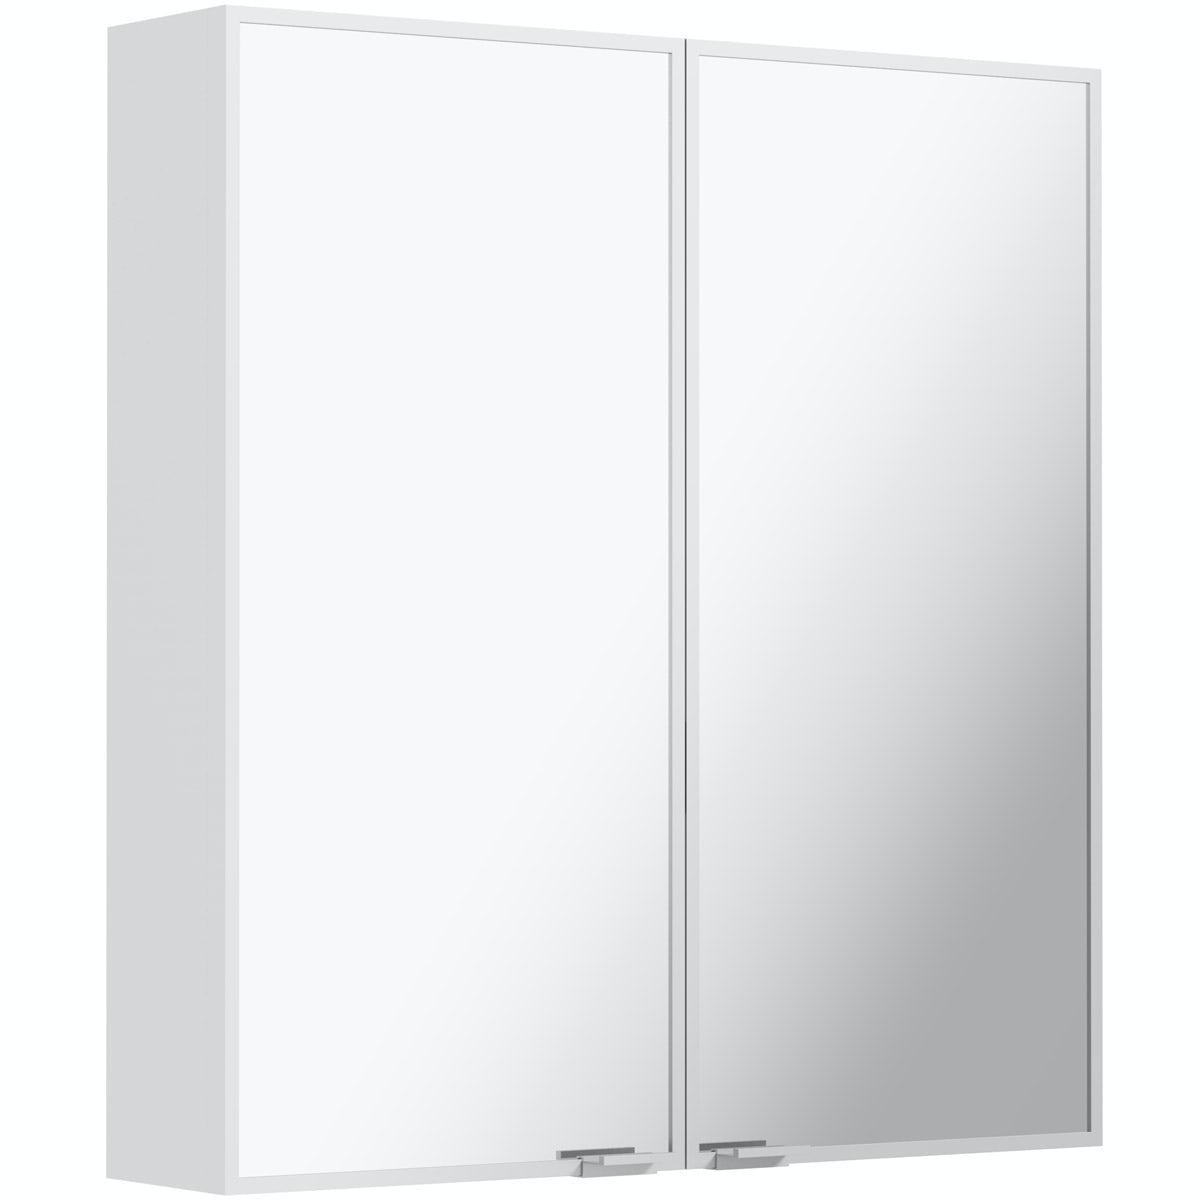 Mode Breuer mirror cabinet 640 x 600